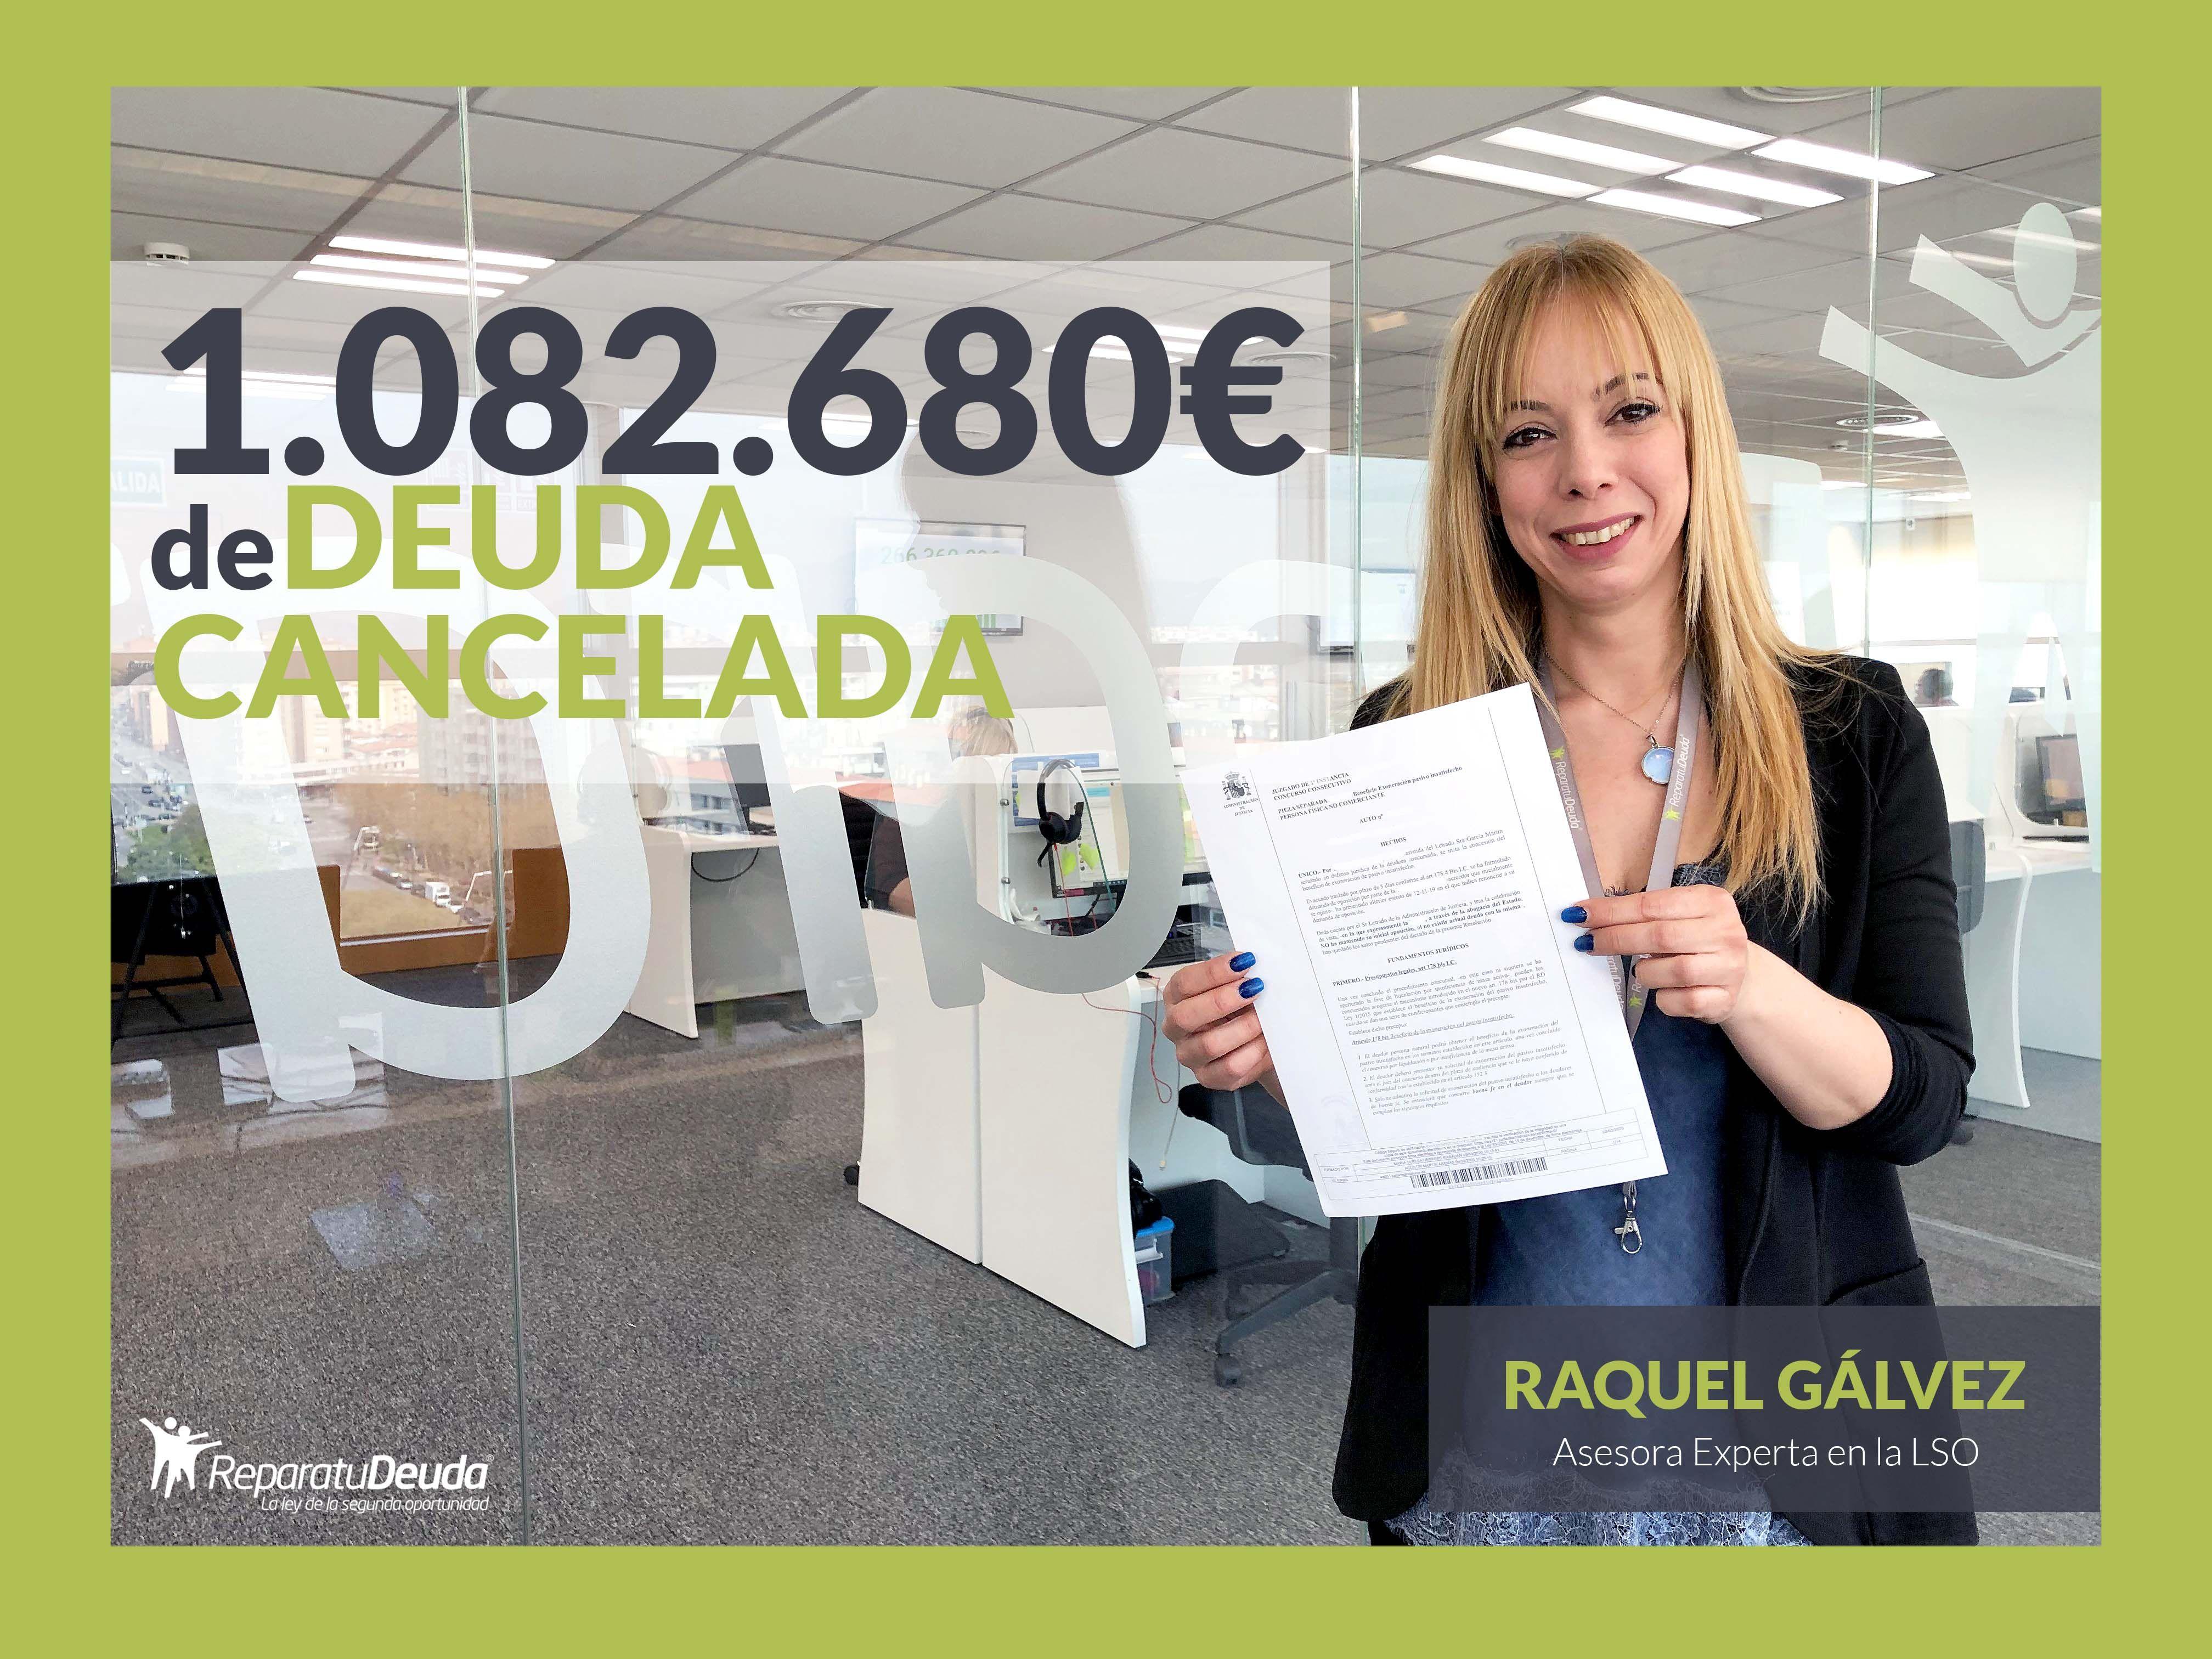 Repara tu Deuda cancela una deuda de 1.082.680 ? en Igualada (La Anoia), con la Ley de Segunda Oportunidad